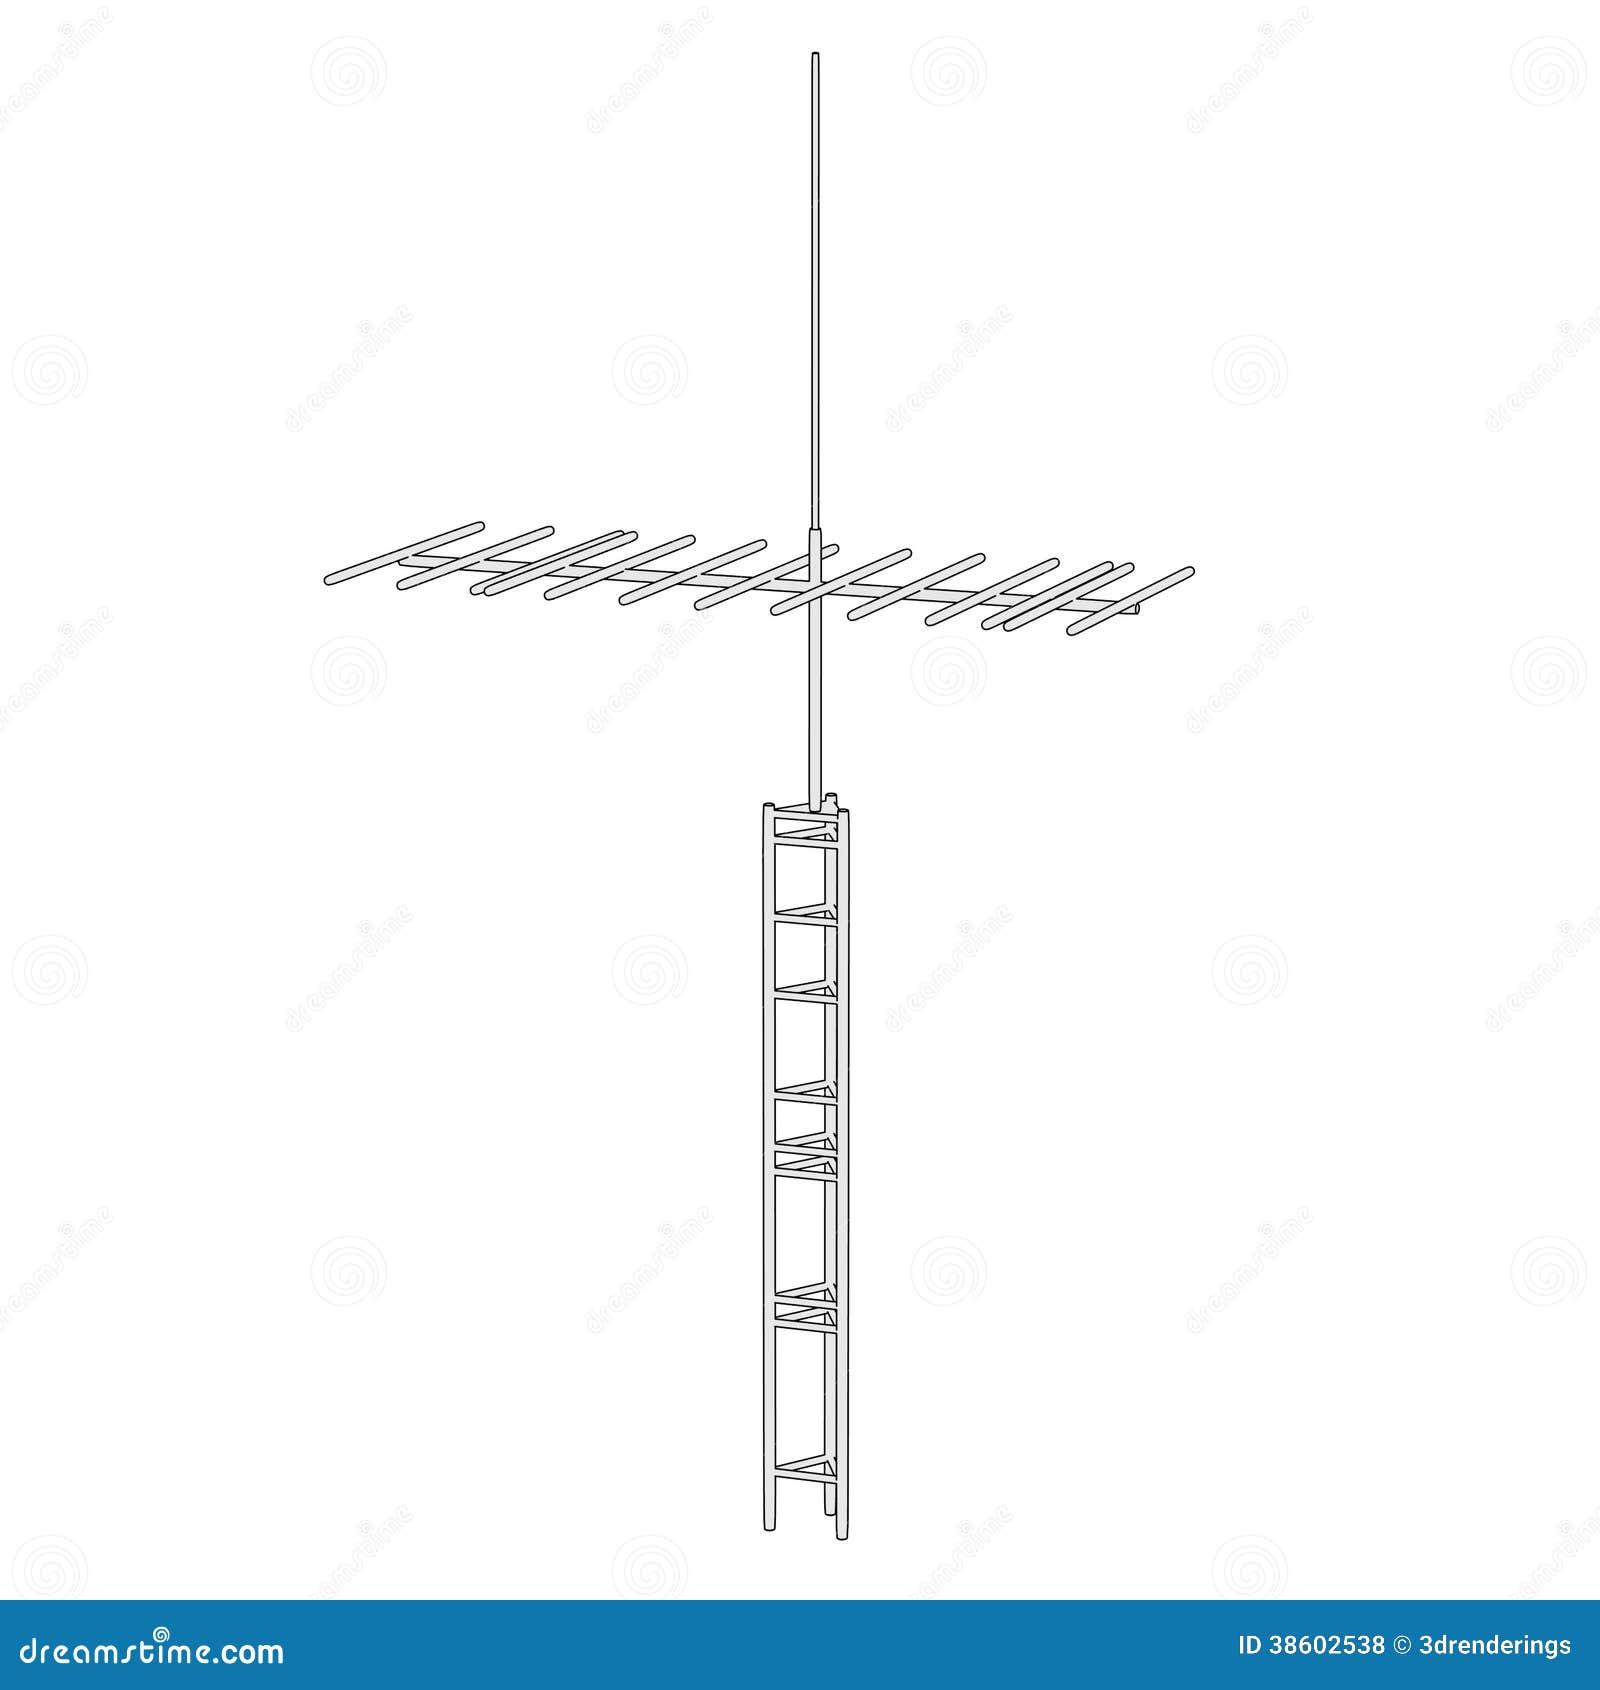 image d 39 antenne de tv illustration stock illustration du illustration 38602538. Black Bedroom Furniture Sets. Home Design Ideas